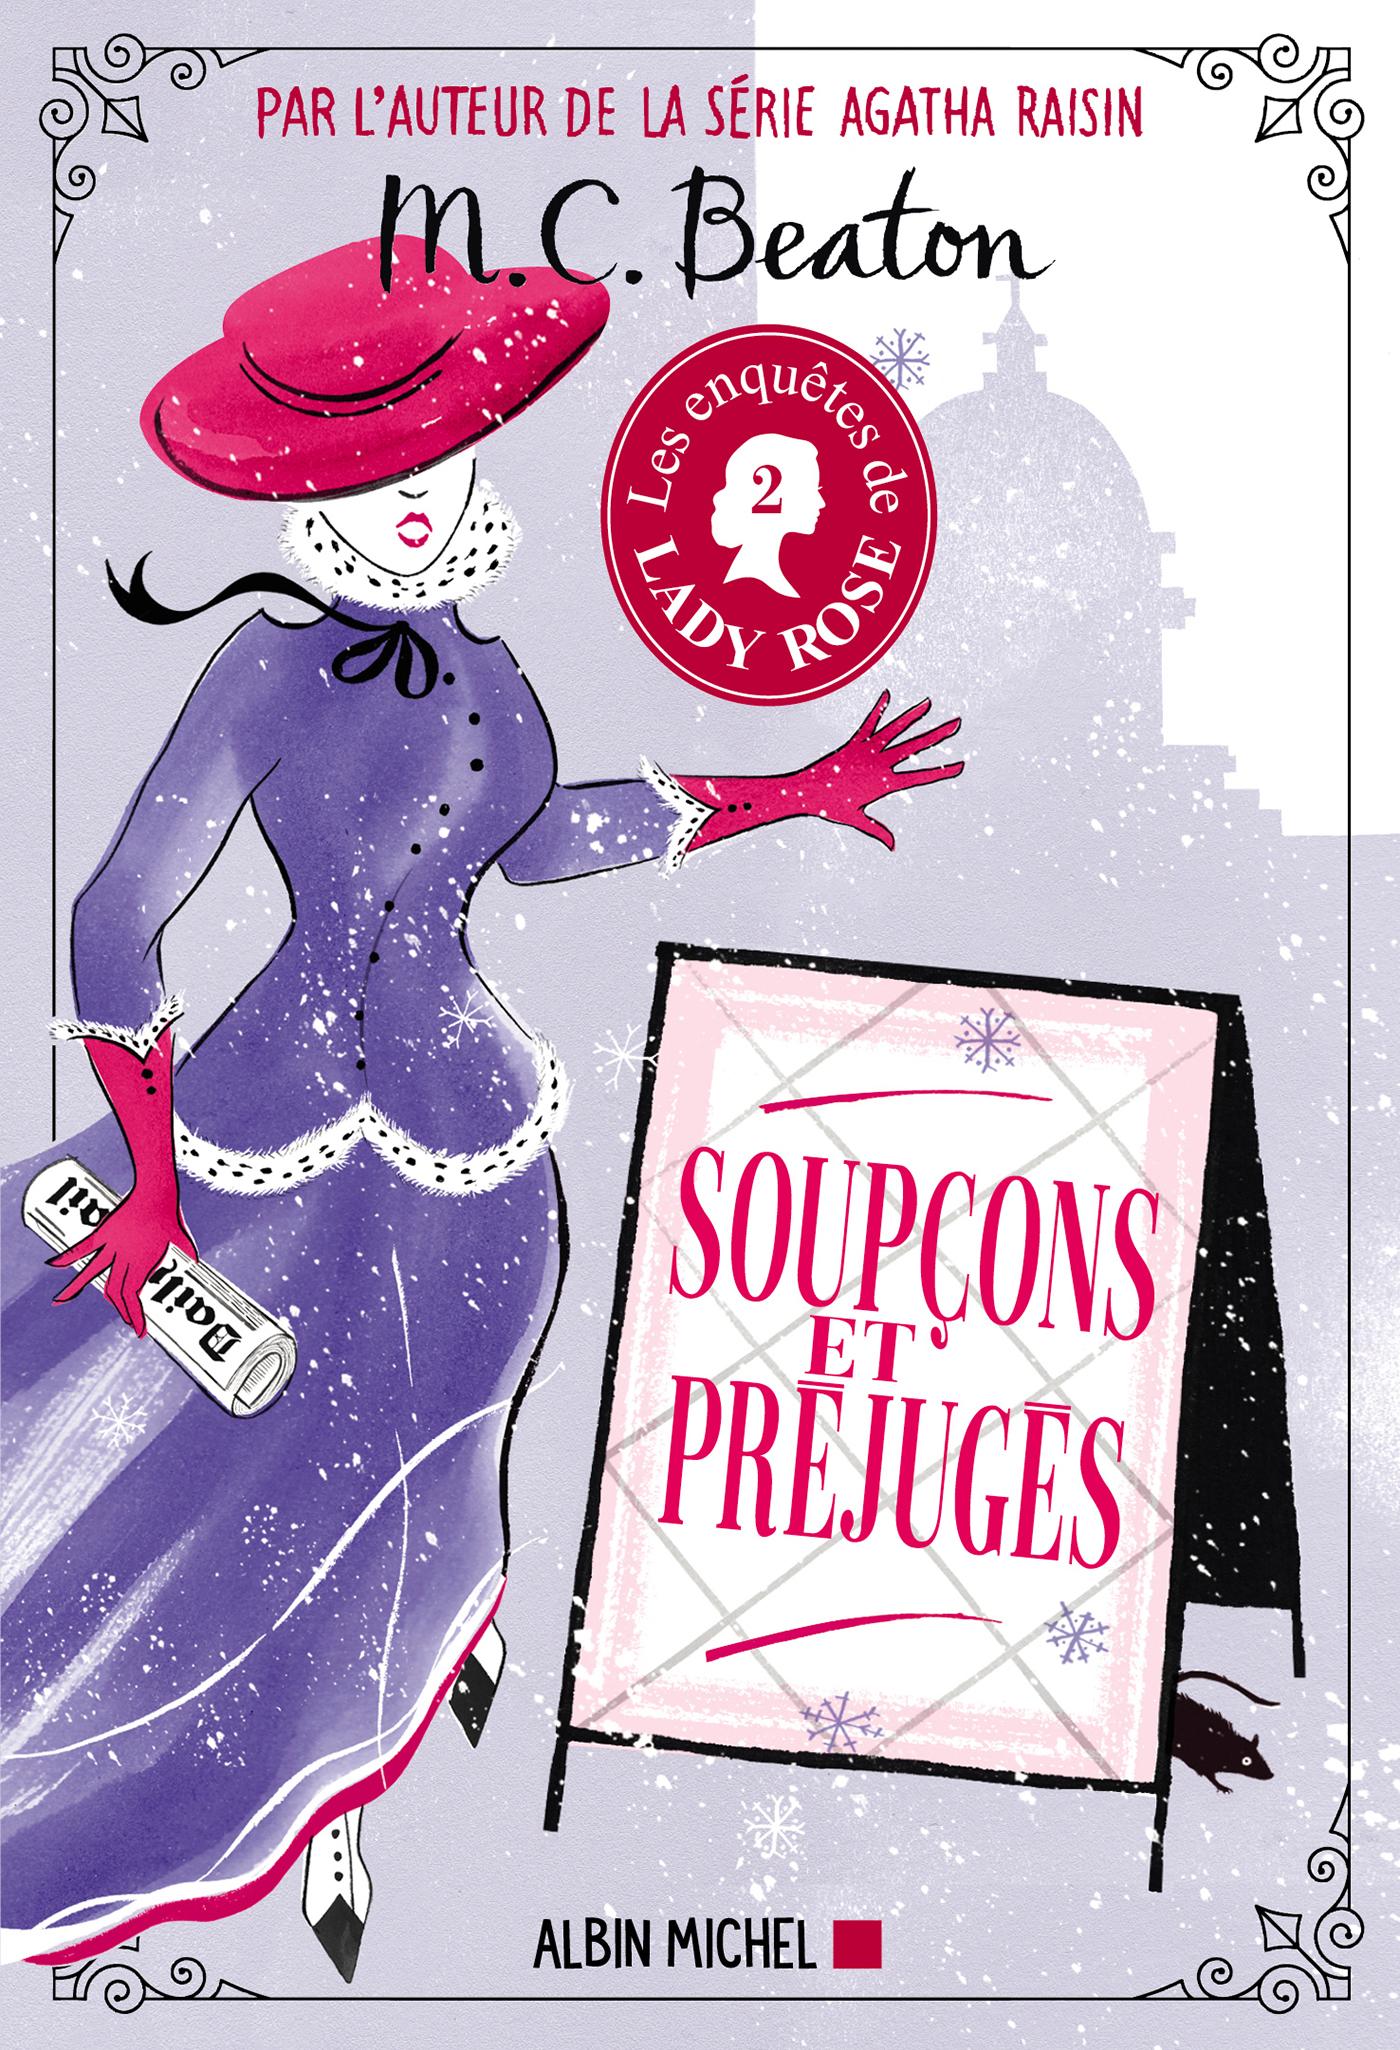 Les Enquêtes de Lady Rose - tome 2 - Soupçons et préjugés | Beaton, M. C.. Auteur